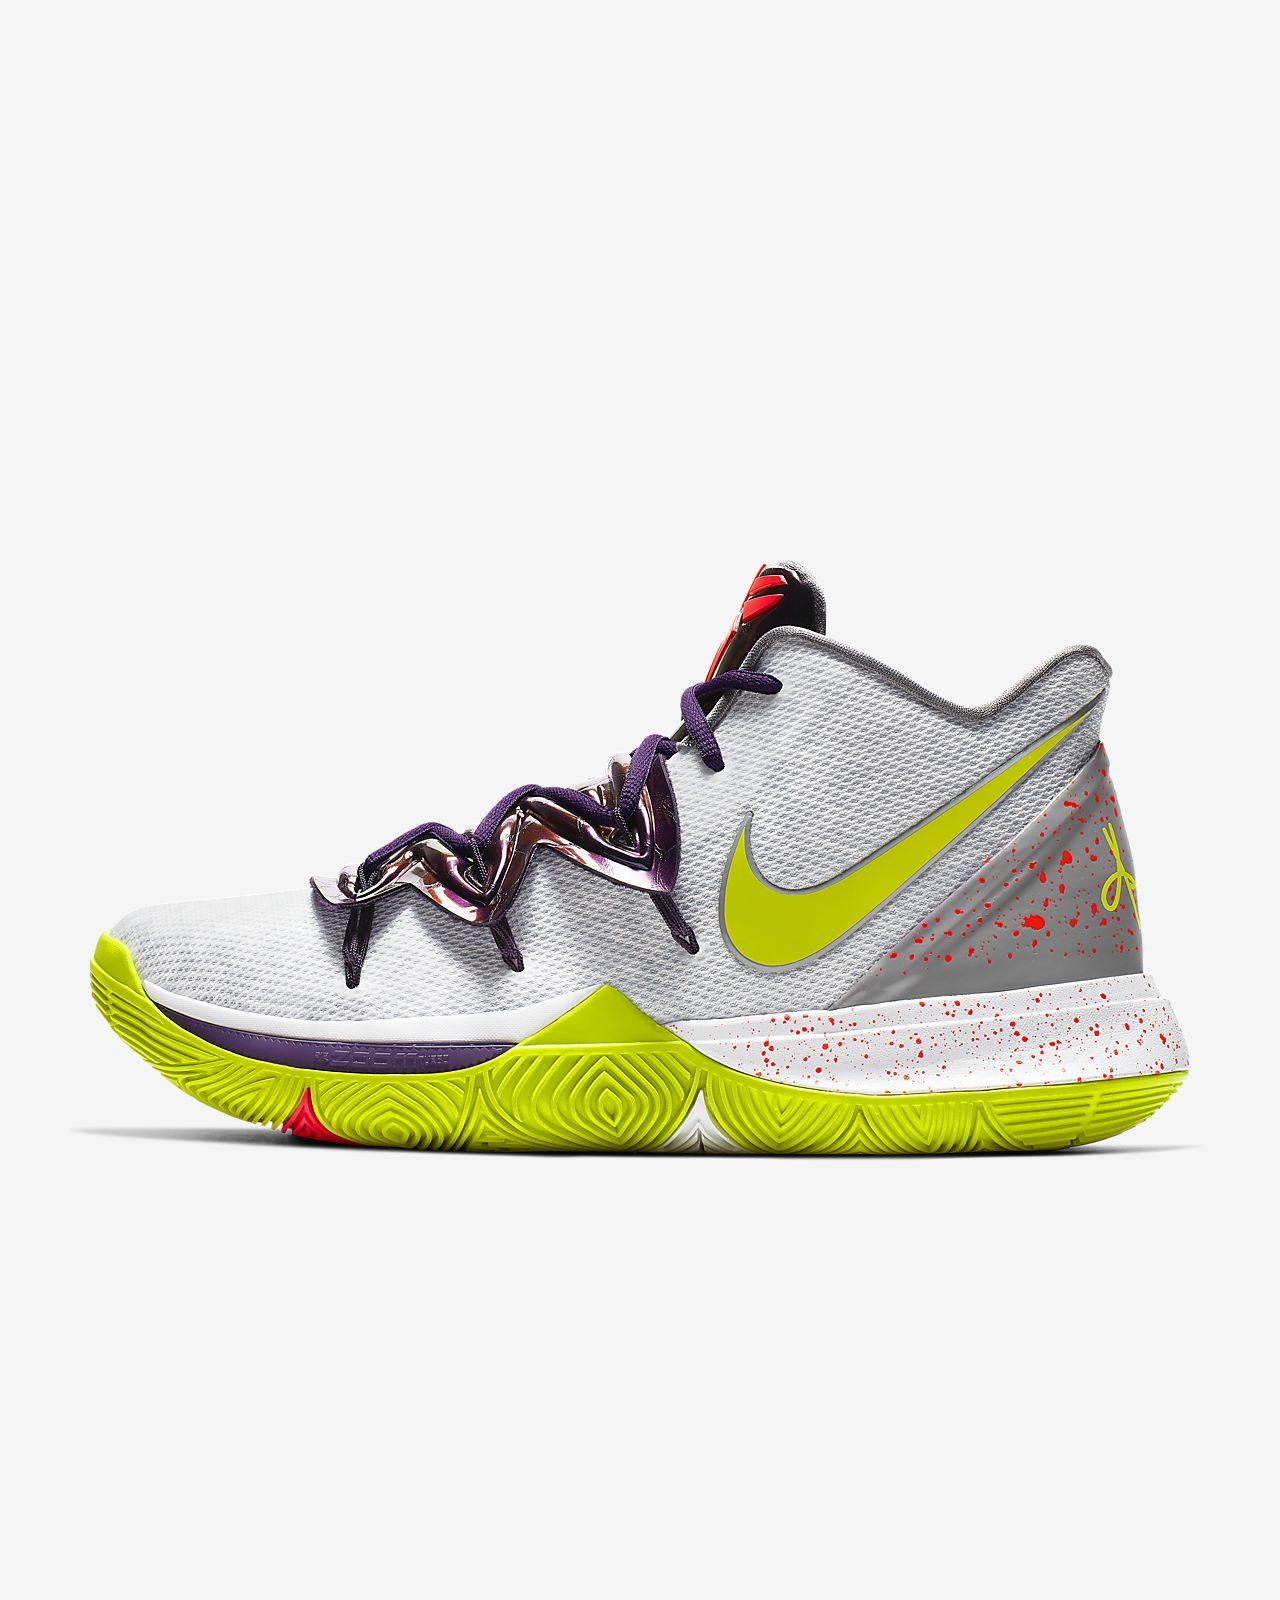 927dcfa3 Low Resolution Баскетбольные кроссовки Kyrie 5 Баскетбольные кроссовки Kyrie  5